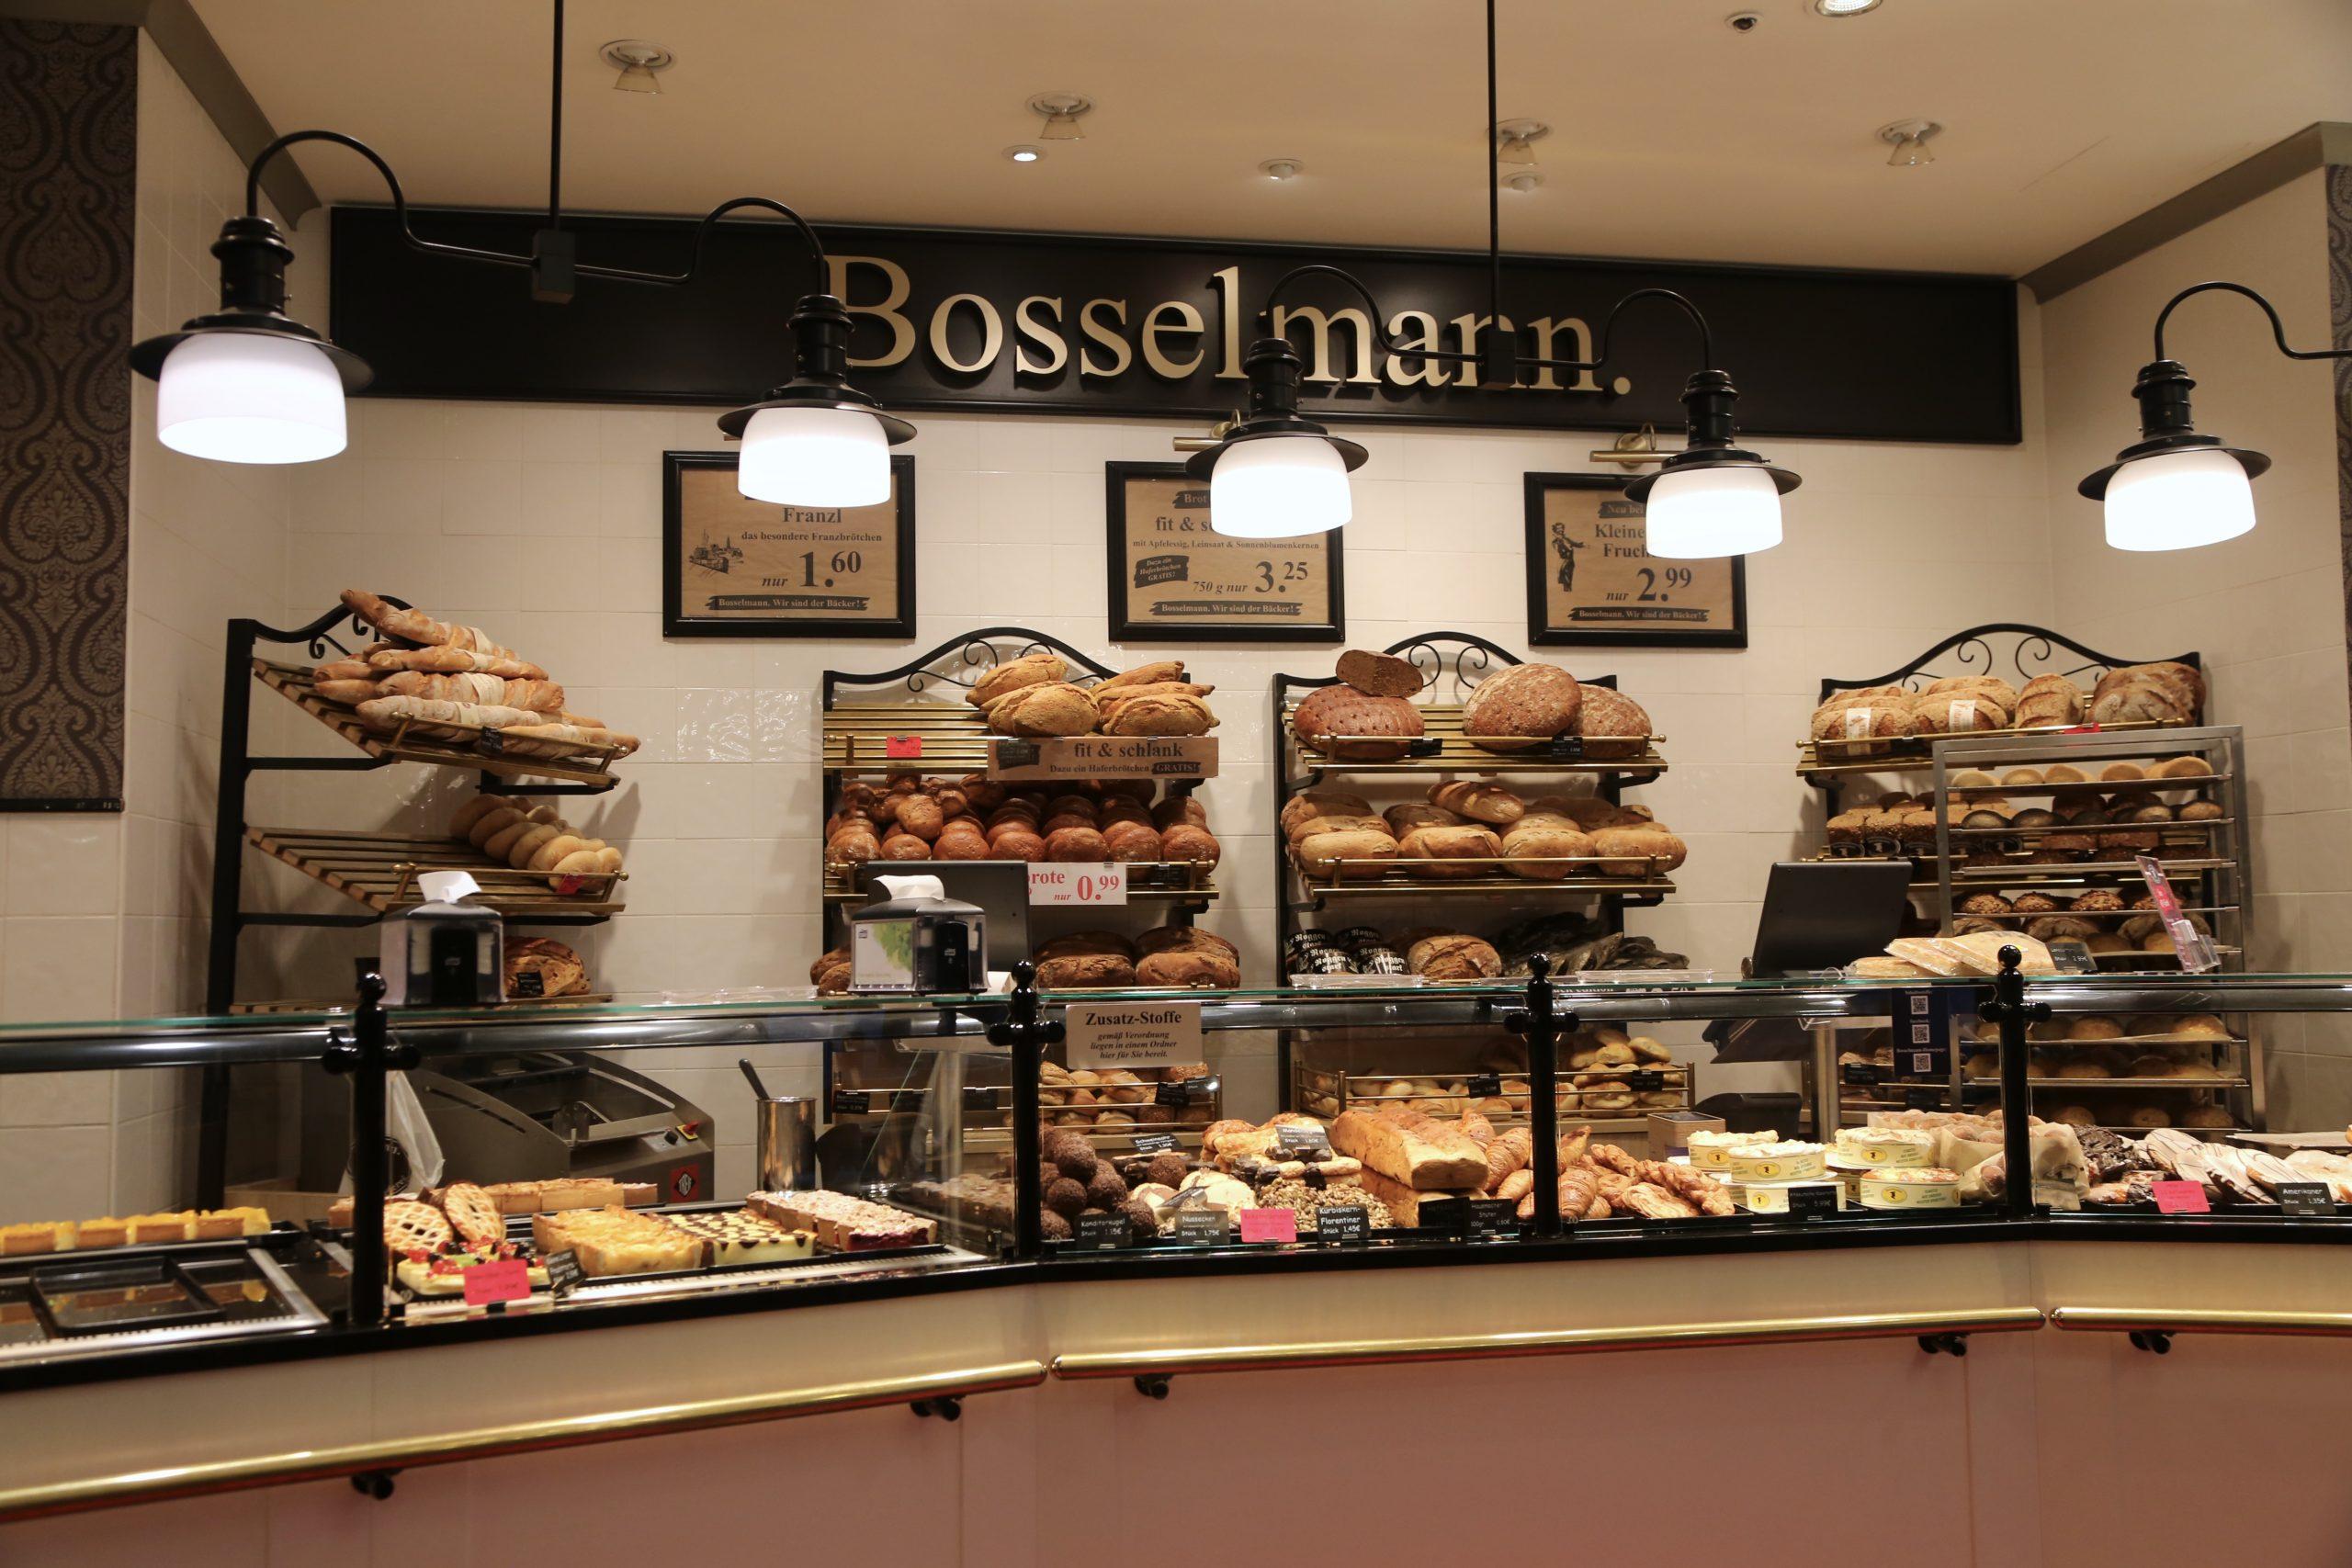 Bosselmann, an amazing German bakery chain